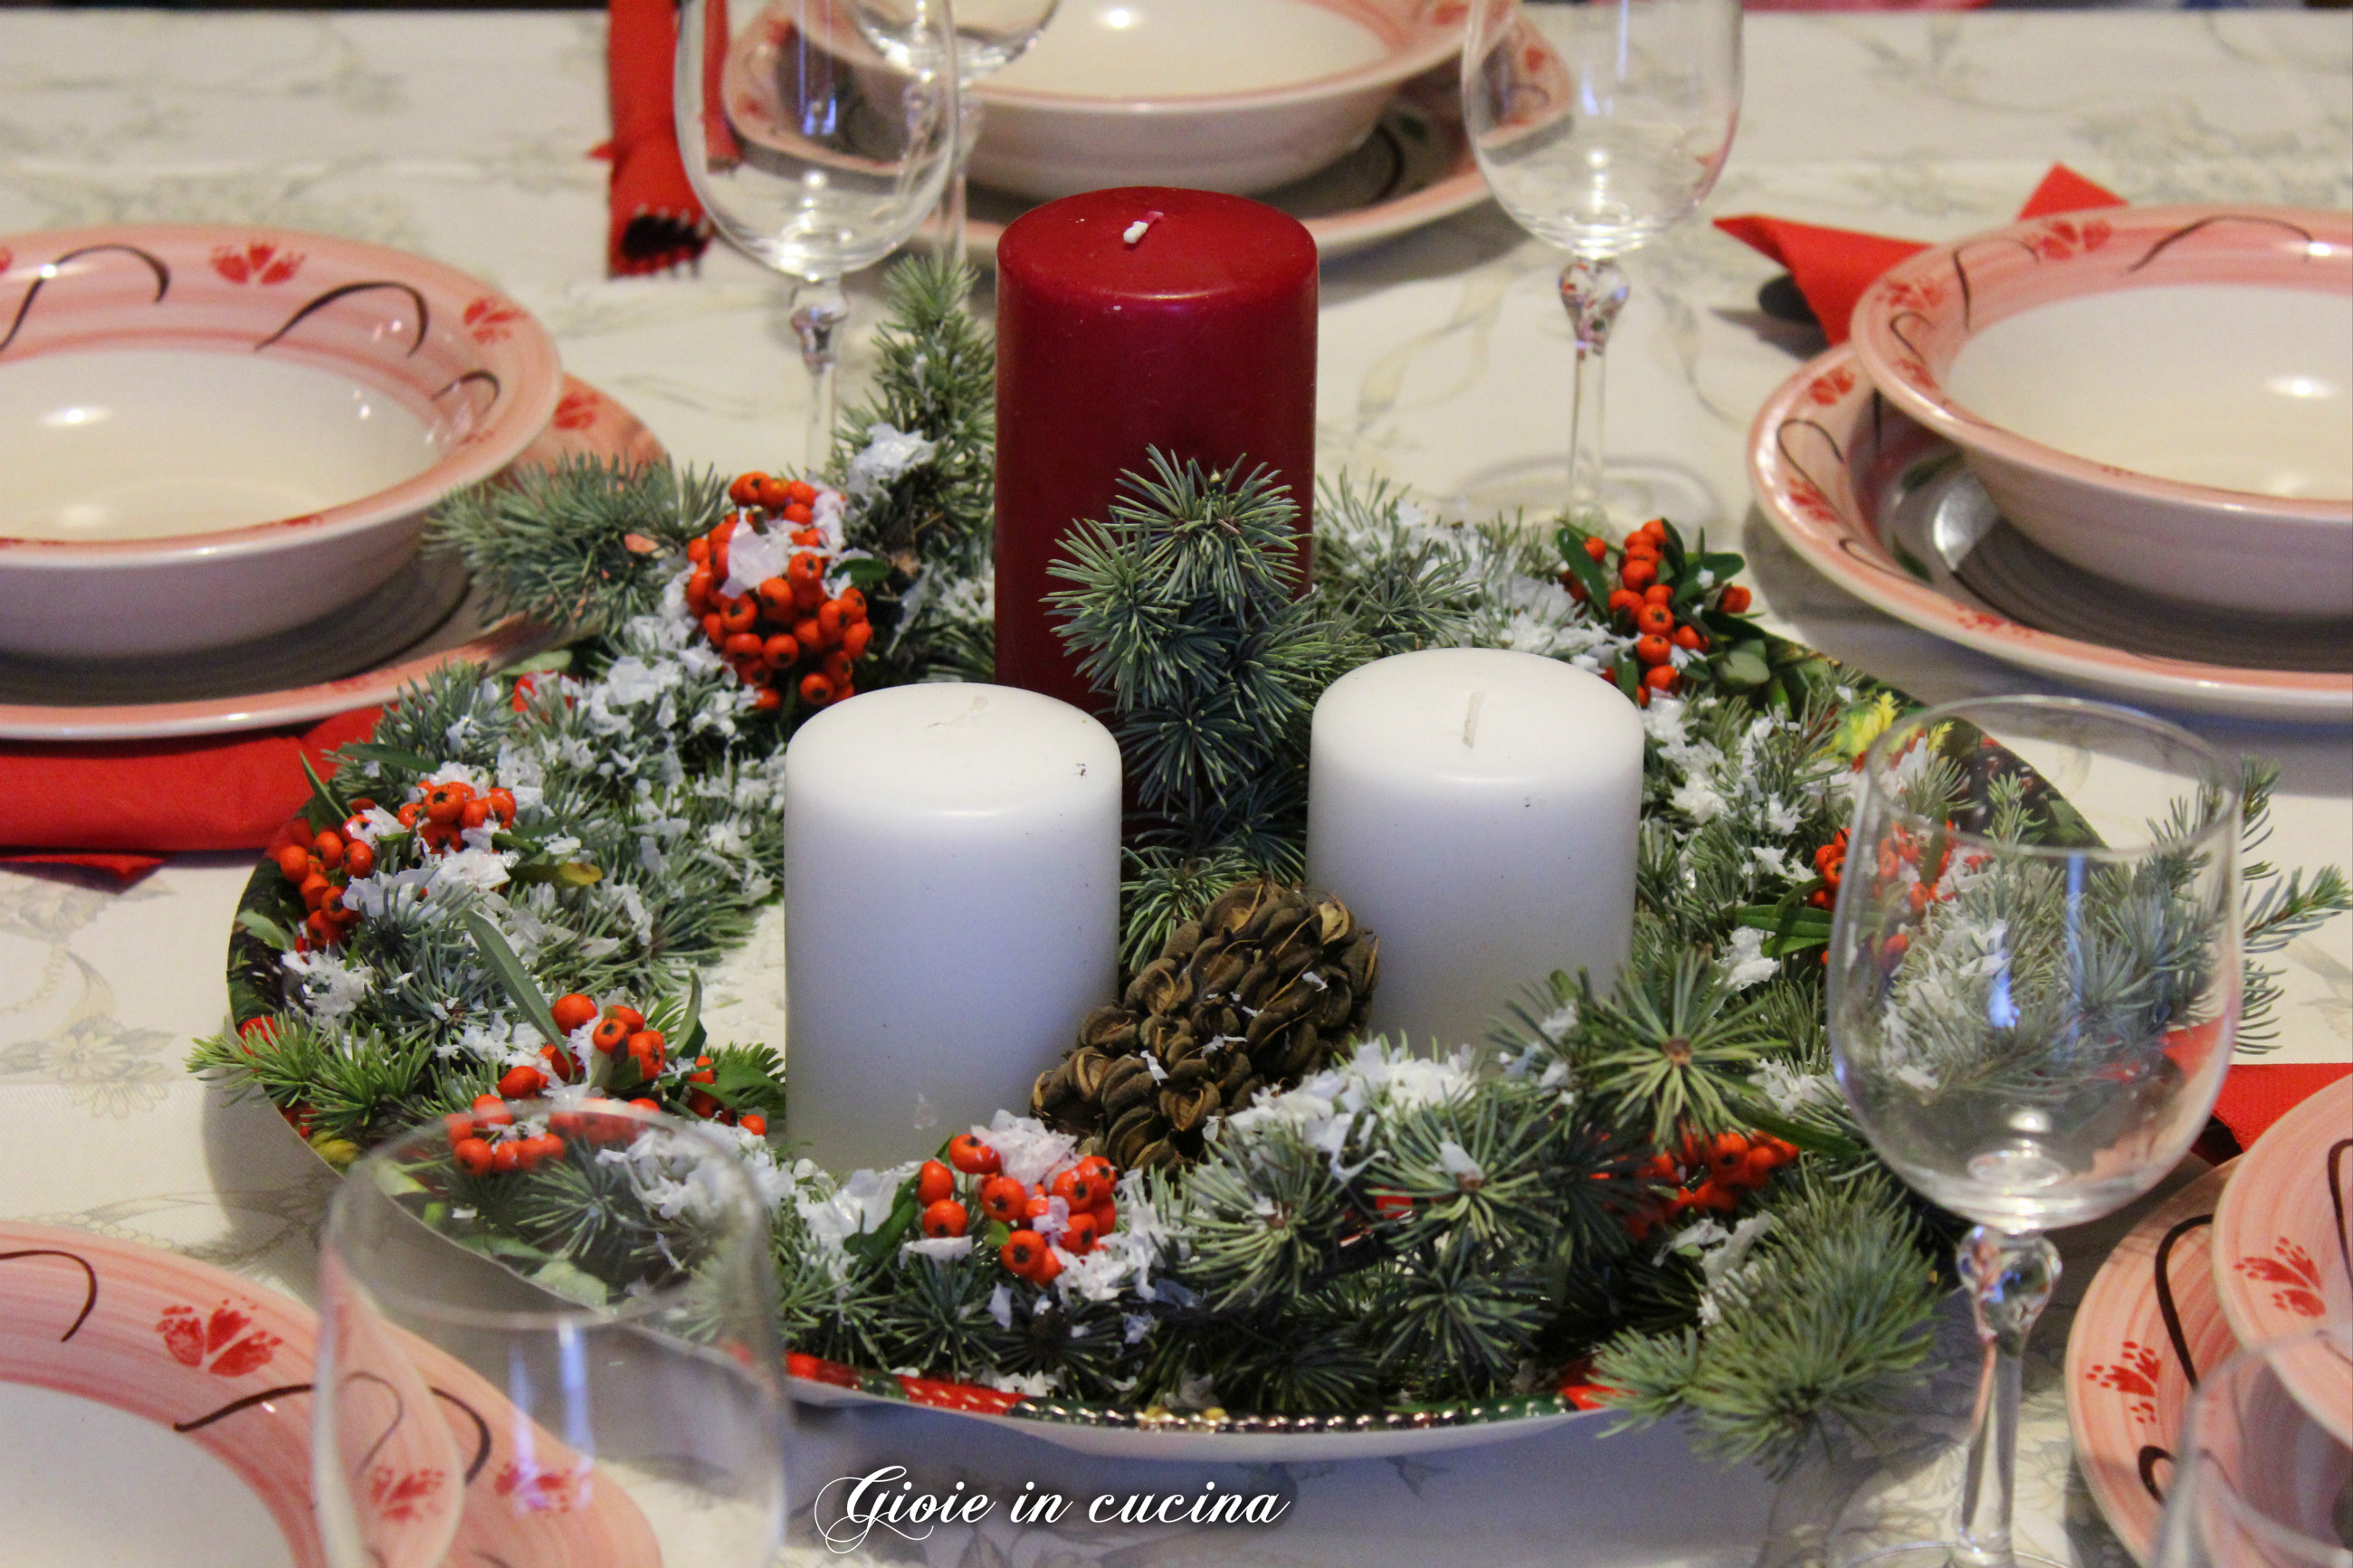 Centro tavola natalizio fai da te gioie in cucina - Centro tavola natalizio con pigne ...